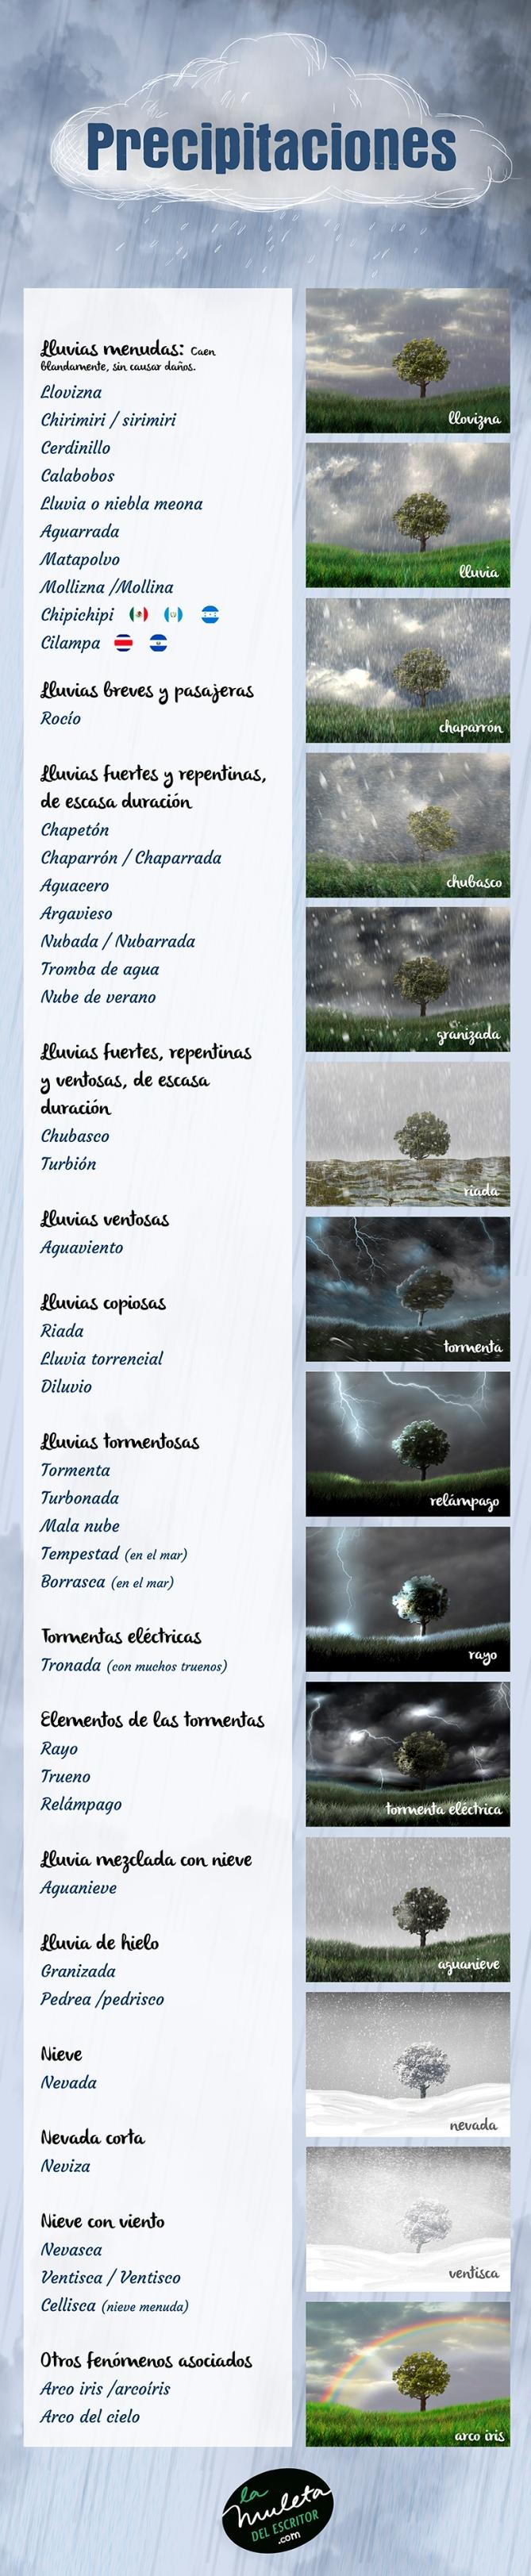 Precipitaciones lluvias